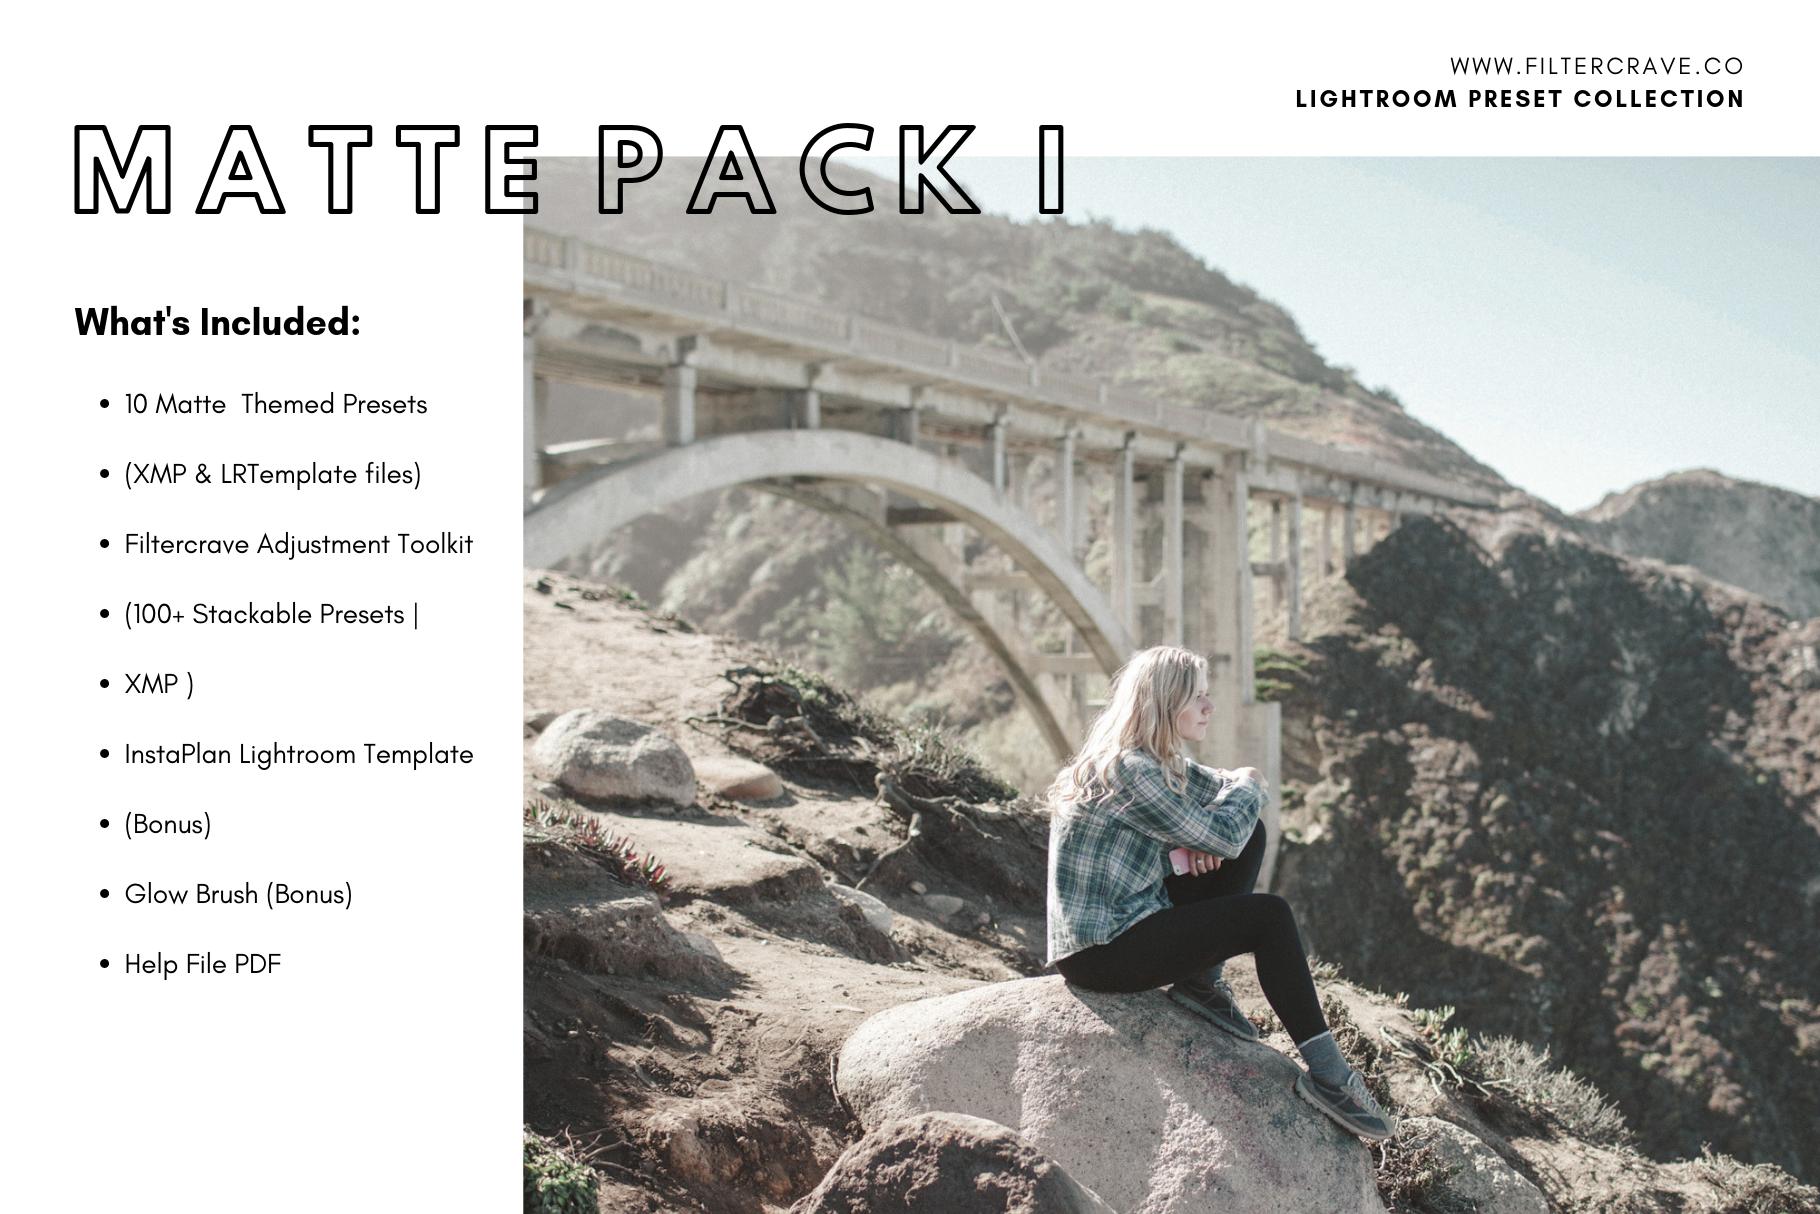 Matte Pack Mobile Lightroom Presets — Filtercrave